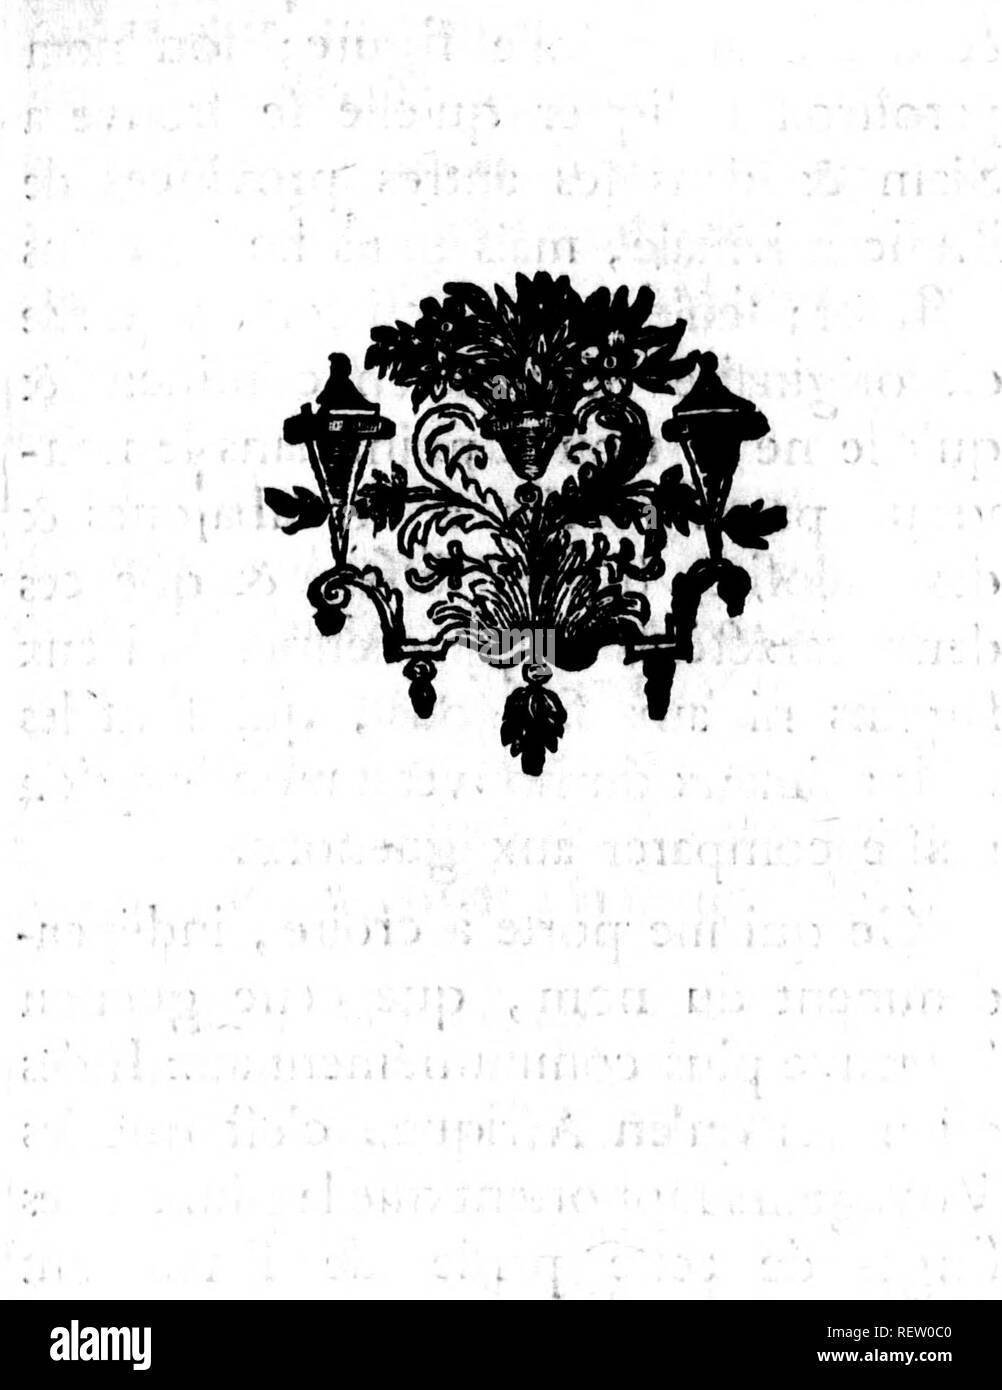 . Histoire naturelle, générale et particulière [microforme]. Sciences naturelles; Natural history. â¢: ^Jit.Moiiflac: '.. i8r d'un cendré - blanchâtre ; il marche à quatre pieds, & il n'a qu'environ un pied de longueur, la tête & ie corps compris. La femelle eft fujettc à l'écou- lement périodique. ; , f. ;..â¢<â .':. Please note that these images are extracted from scanned page images that may have been digitally enhanced for readability - coloration and appearance of these illustrations may not perfectly resemble the original work.. Buffon, Georges Louis Leclerc, comte de, - Stock Image